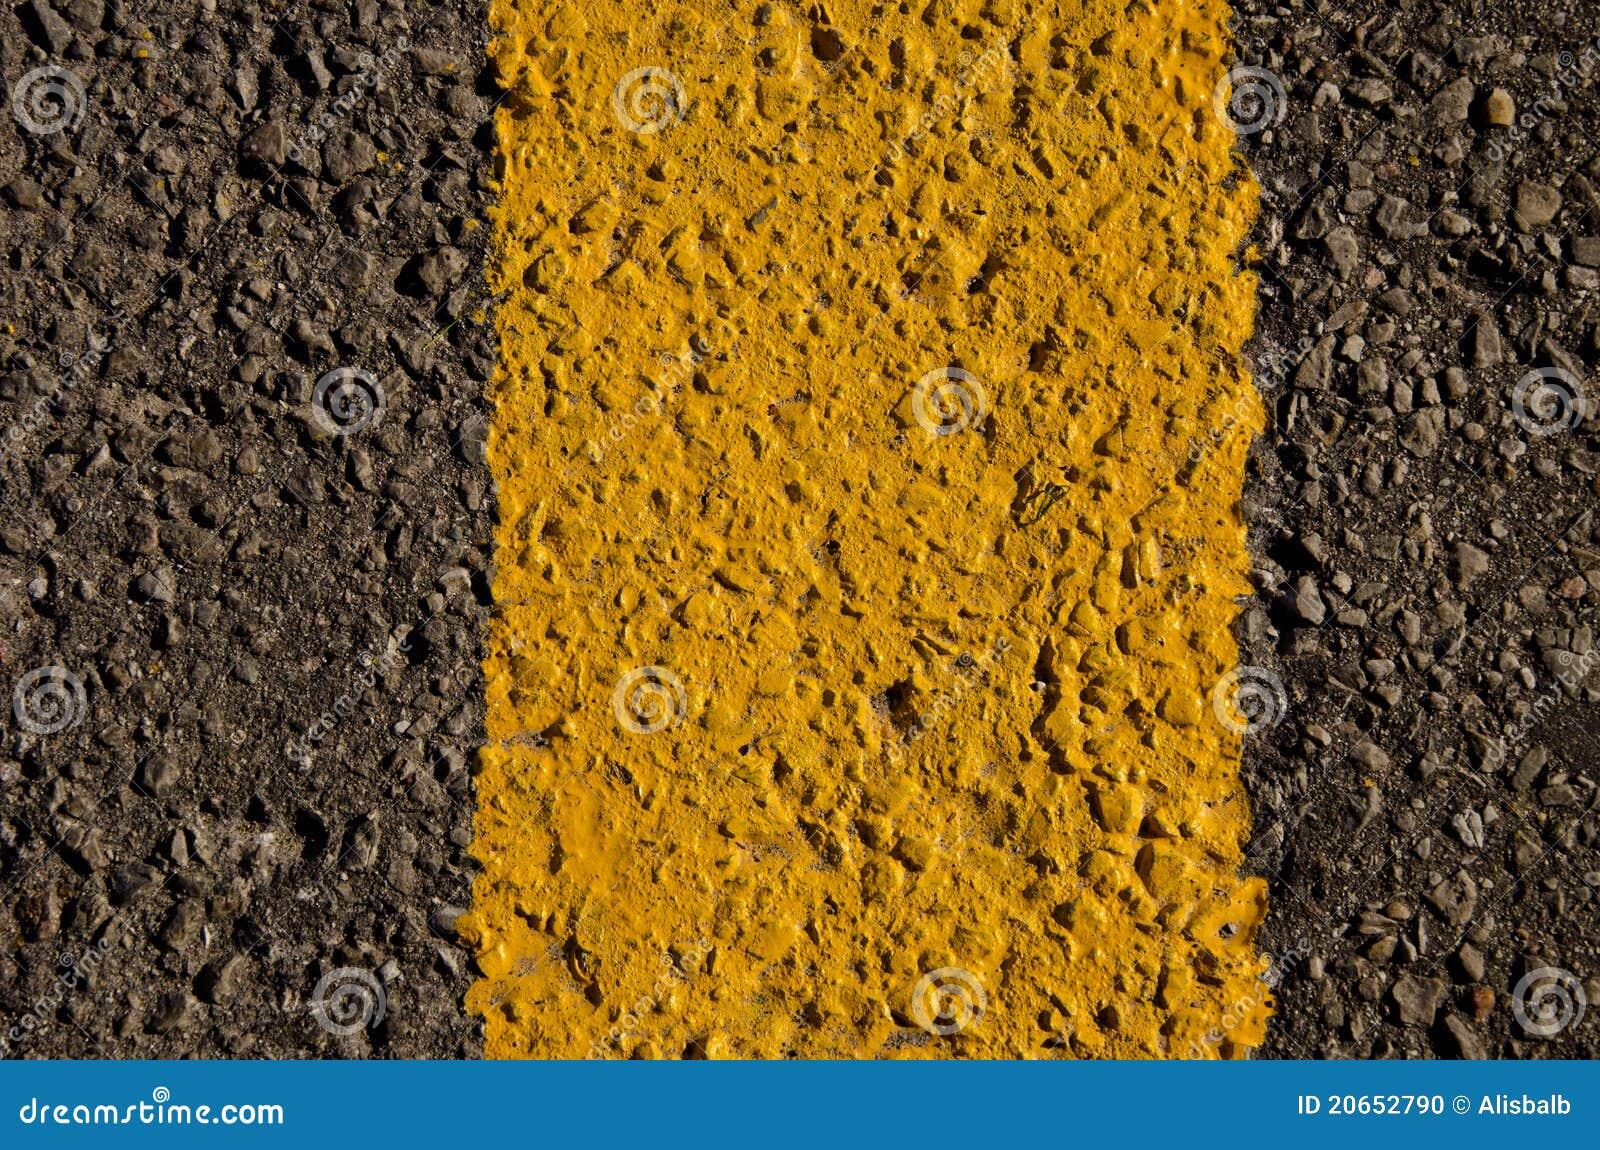 fond gris noir et jaune d 39 asphalte photo stock image du trottoir voie 20652790. Black Bedroom Furniture Sets. Home Design Ideas